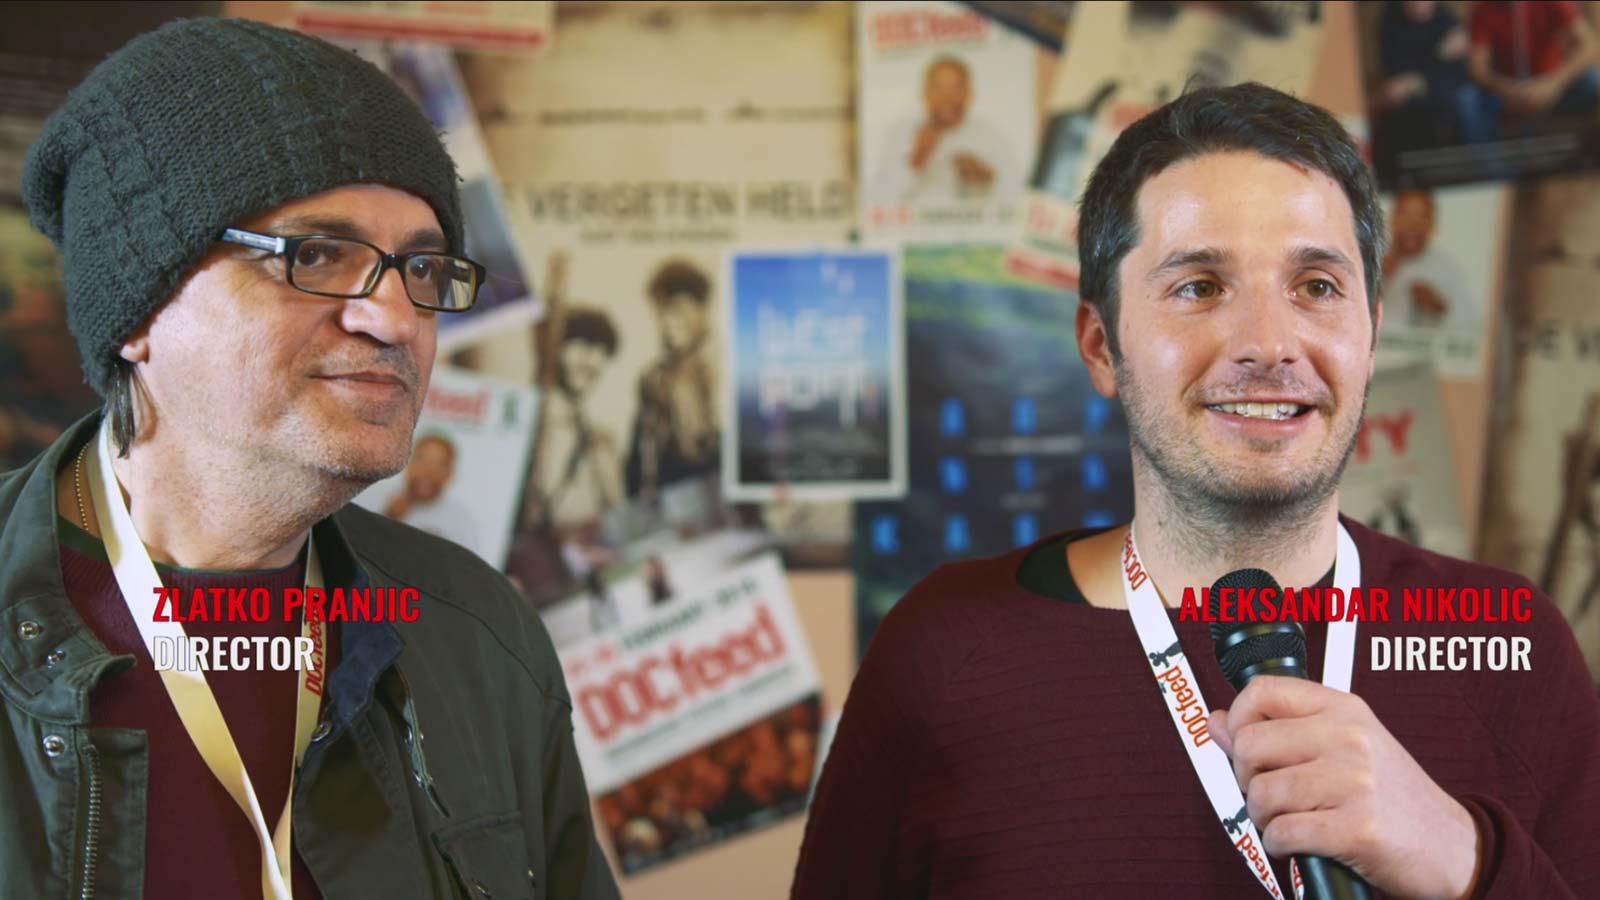 aftermovie laten maken film-festival-aftermovie-videoproductie